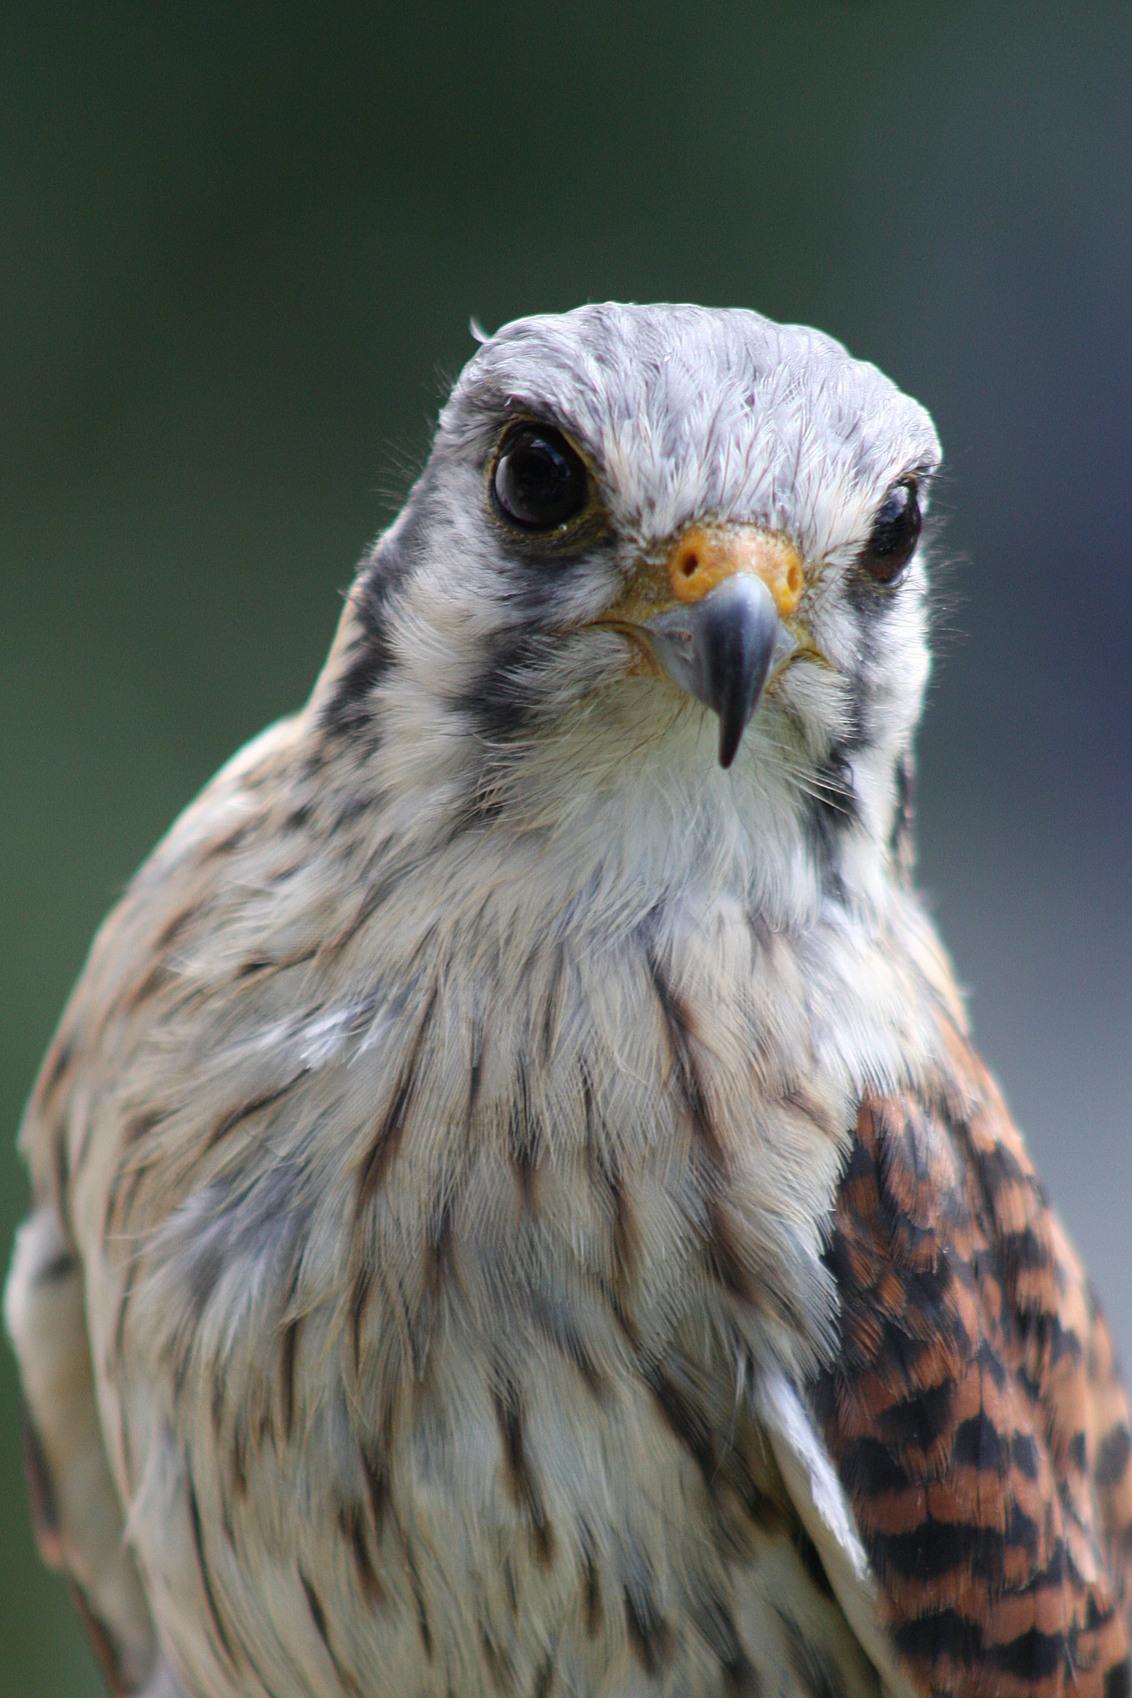 Falconcrest, - Ook deze is genomen tijdens de zoom meet van Jos / utzefke. Persoonlijk vond ik deze vogel er erg aaibaar uitzien. De realiteit is natuurlijk anders - foto door tirsje op 19-07-2010 - deze foto bevat: roofvogel, tirsje, falconcrest07